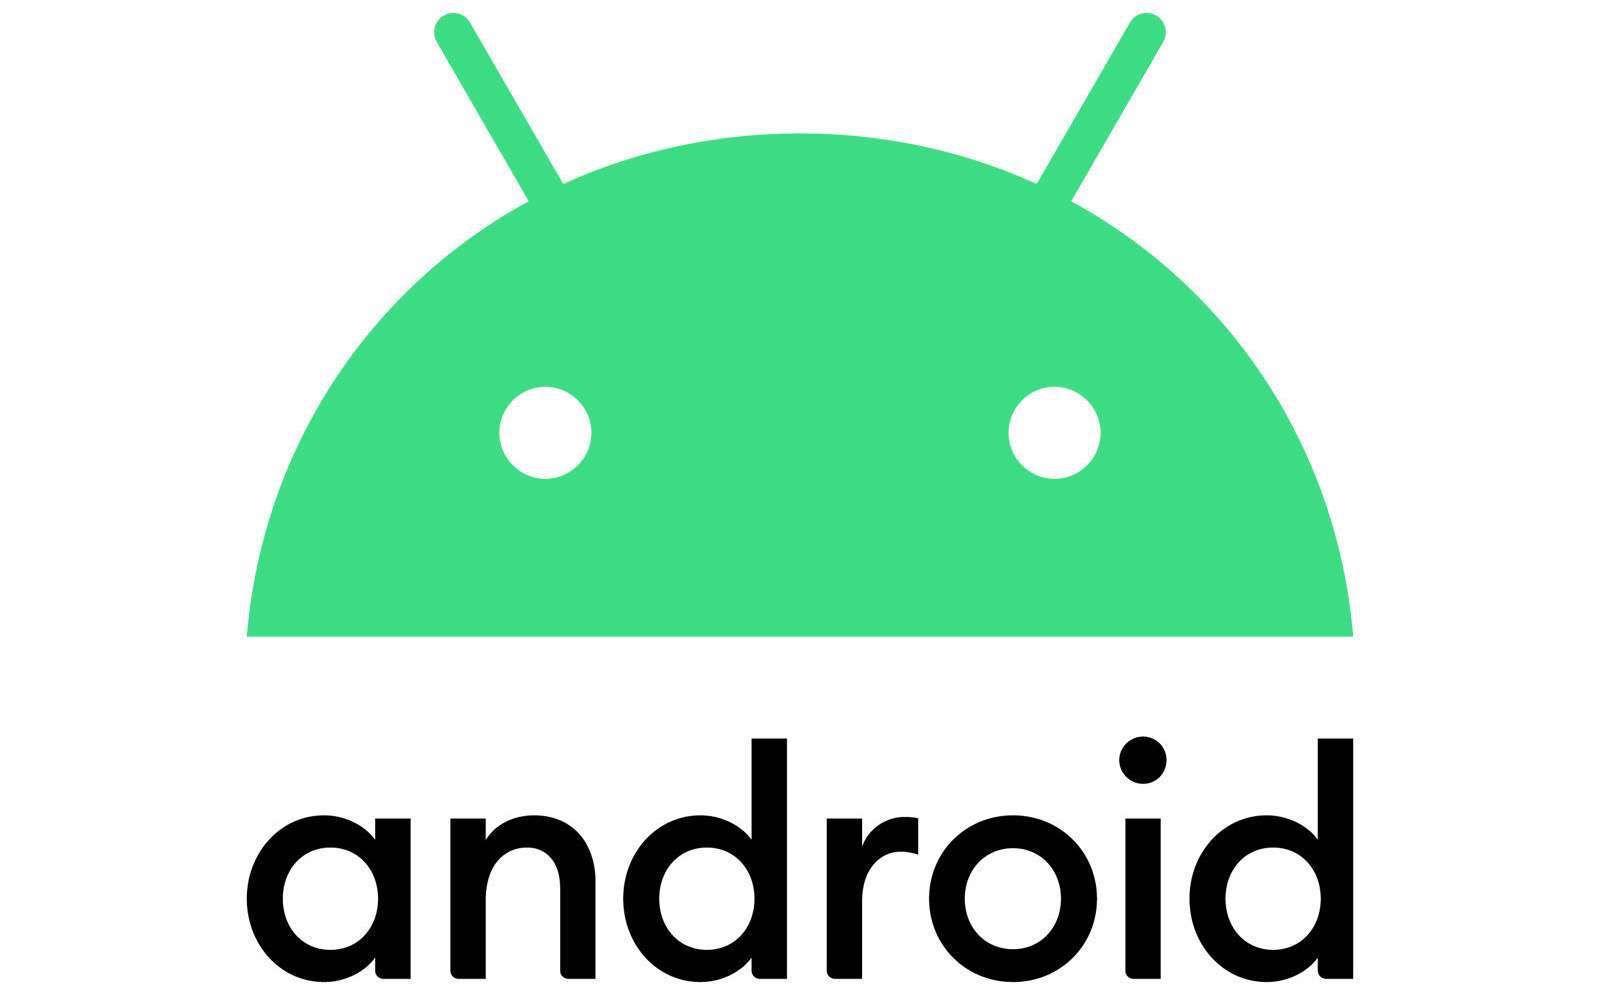 LG annonce que leurs smartphones datant de 2019 recevront des mises à jour jusqu'en 2023.